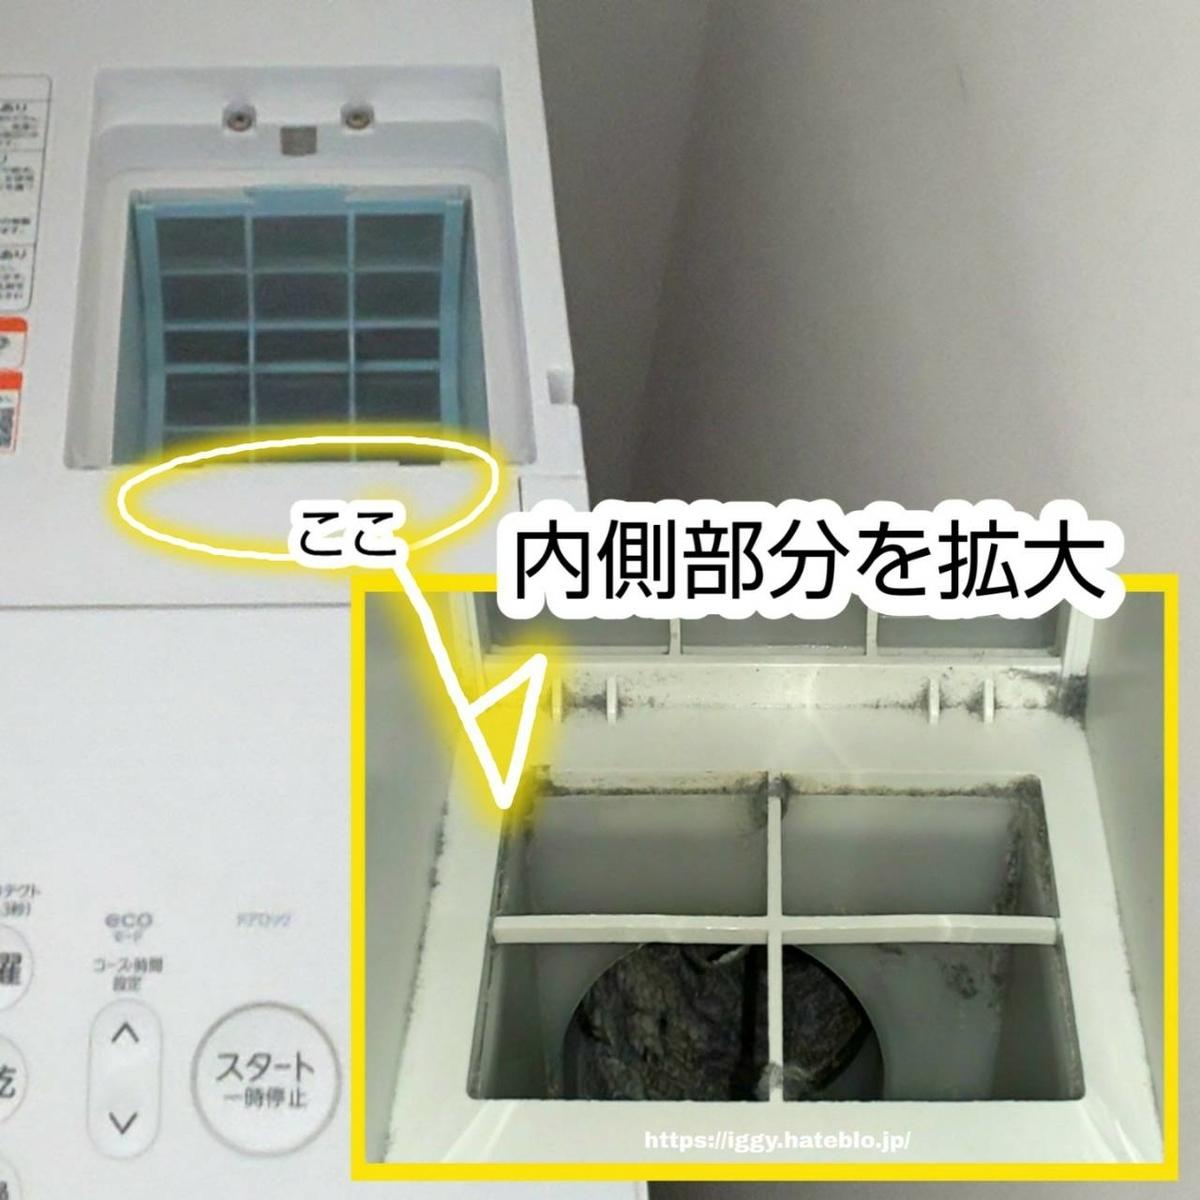 ドラム式洗濯乾燥機 乾燥経路 掃除